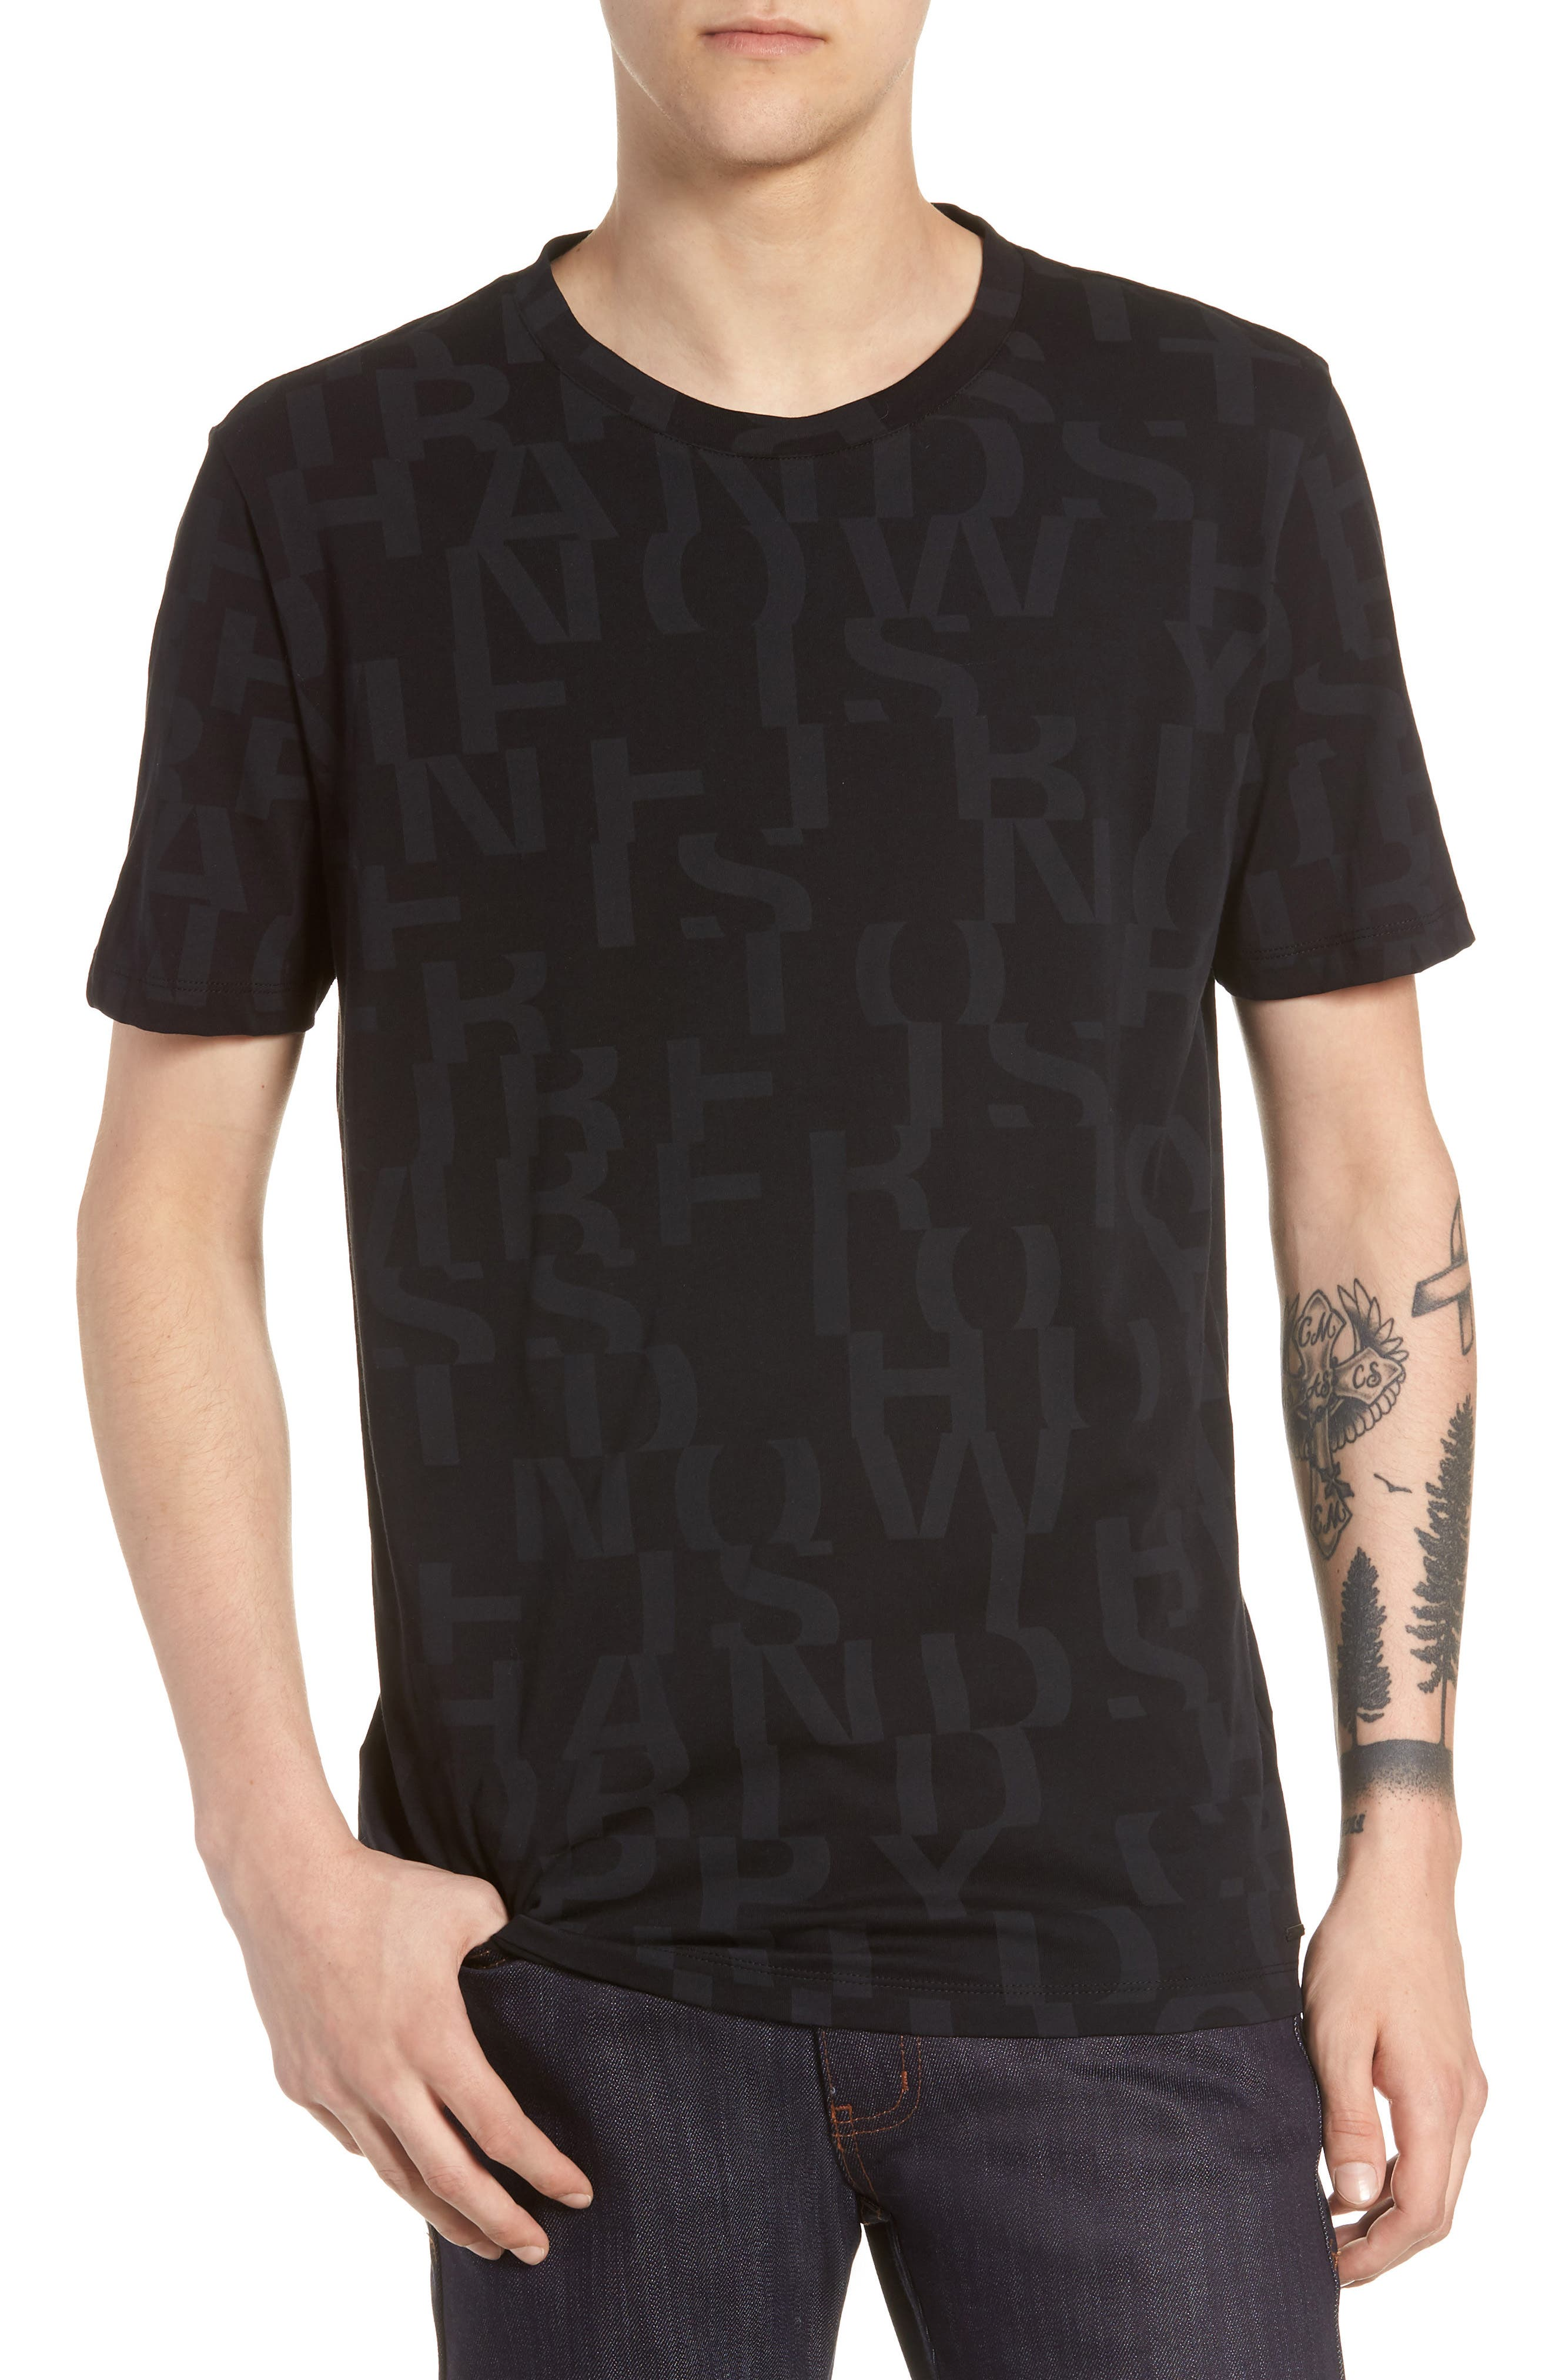 Dyrics Letter Graphic T-Shirt,                             Main thumbnail 1, color,                             BLACK